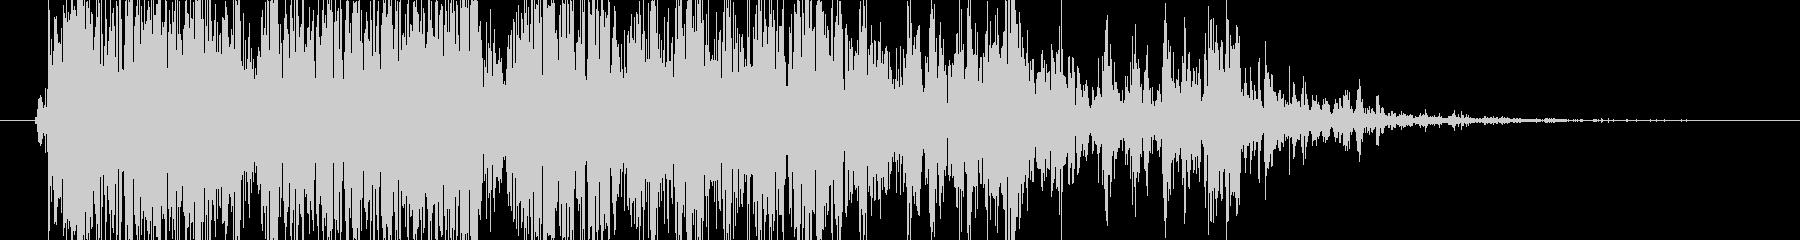 ロック ラージロールドロップ03の未再生の波形